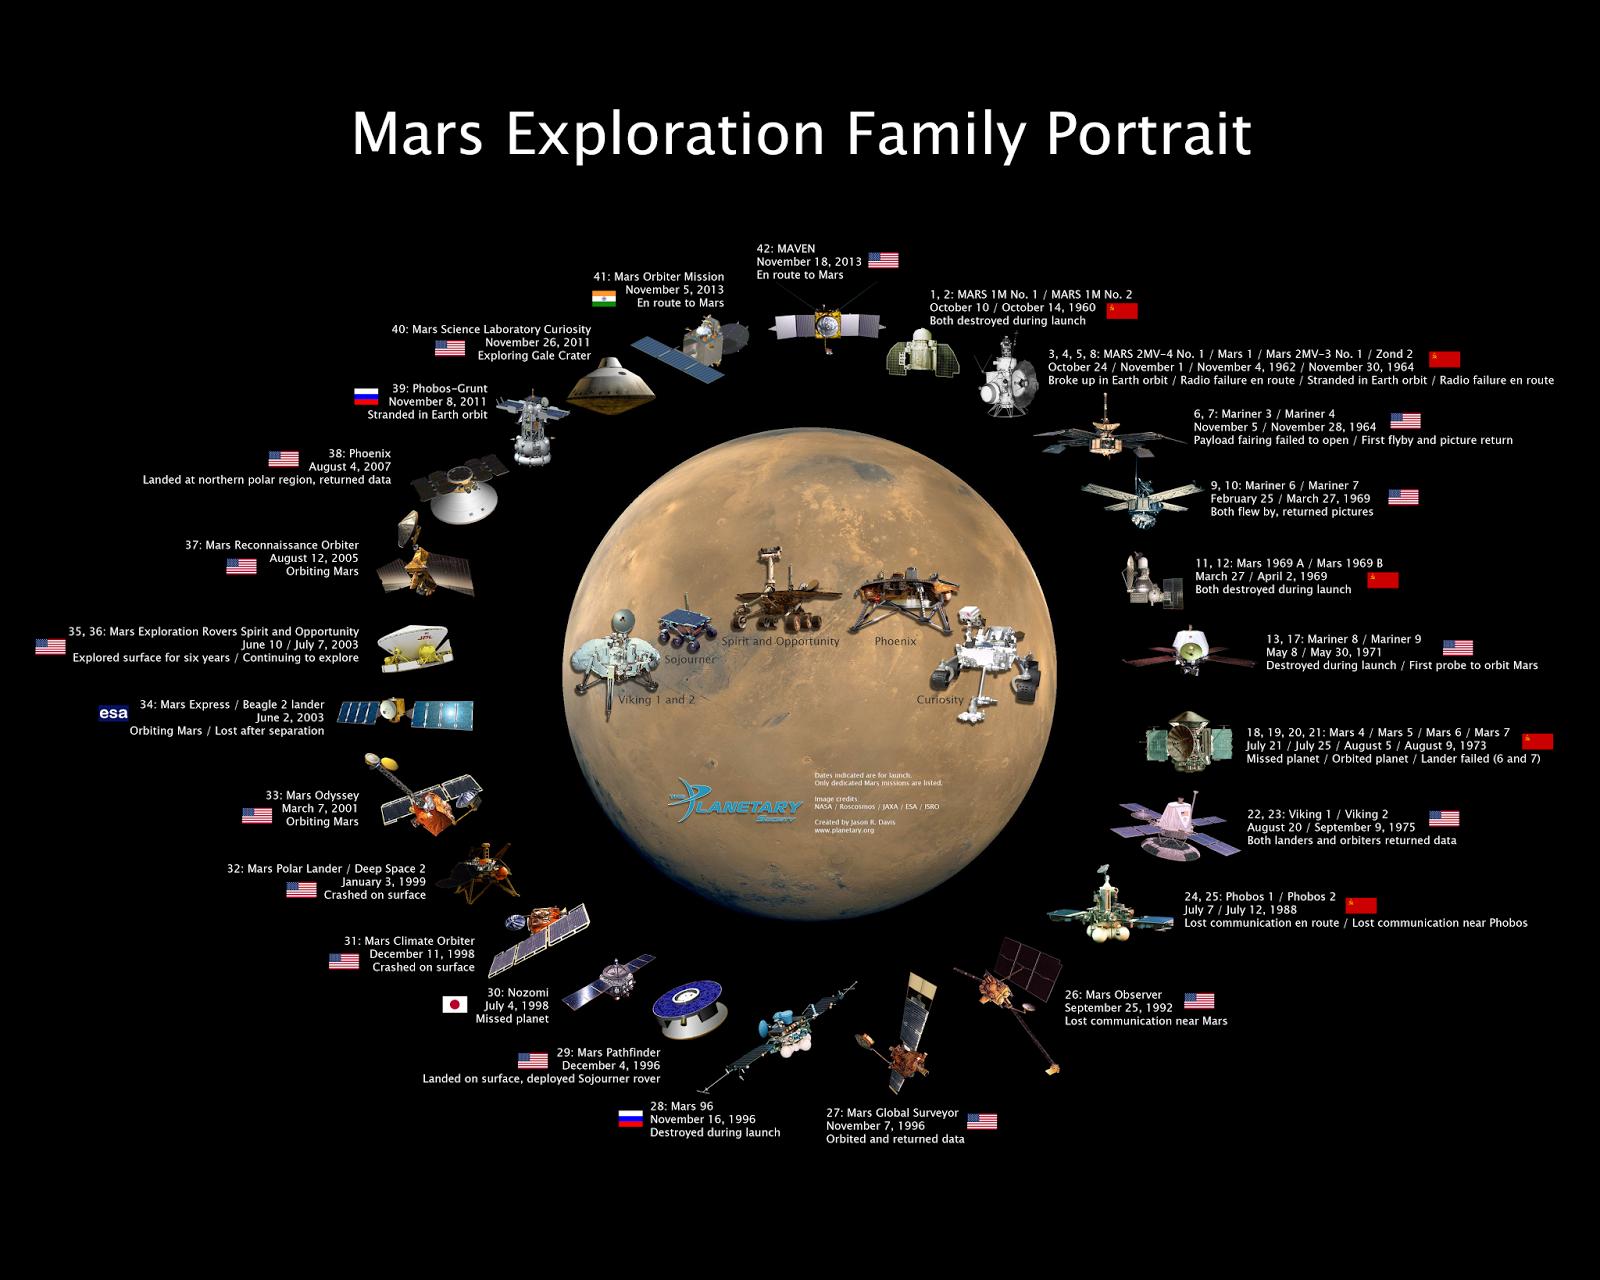 Tutte le missioni orbiter e lander inviate su Marte (fonte fotolink)